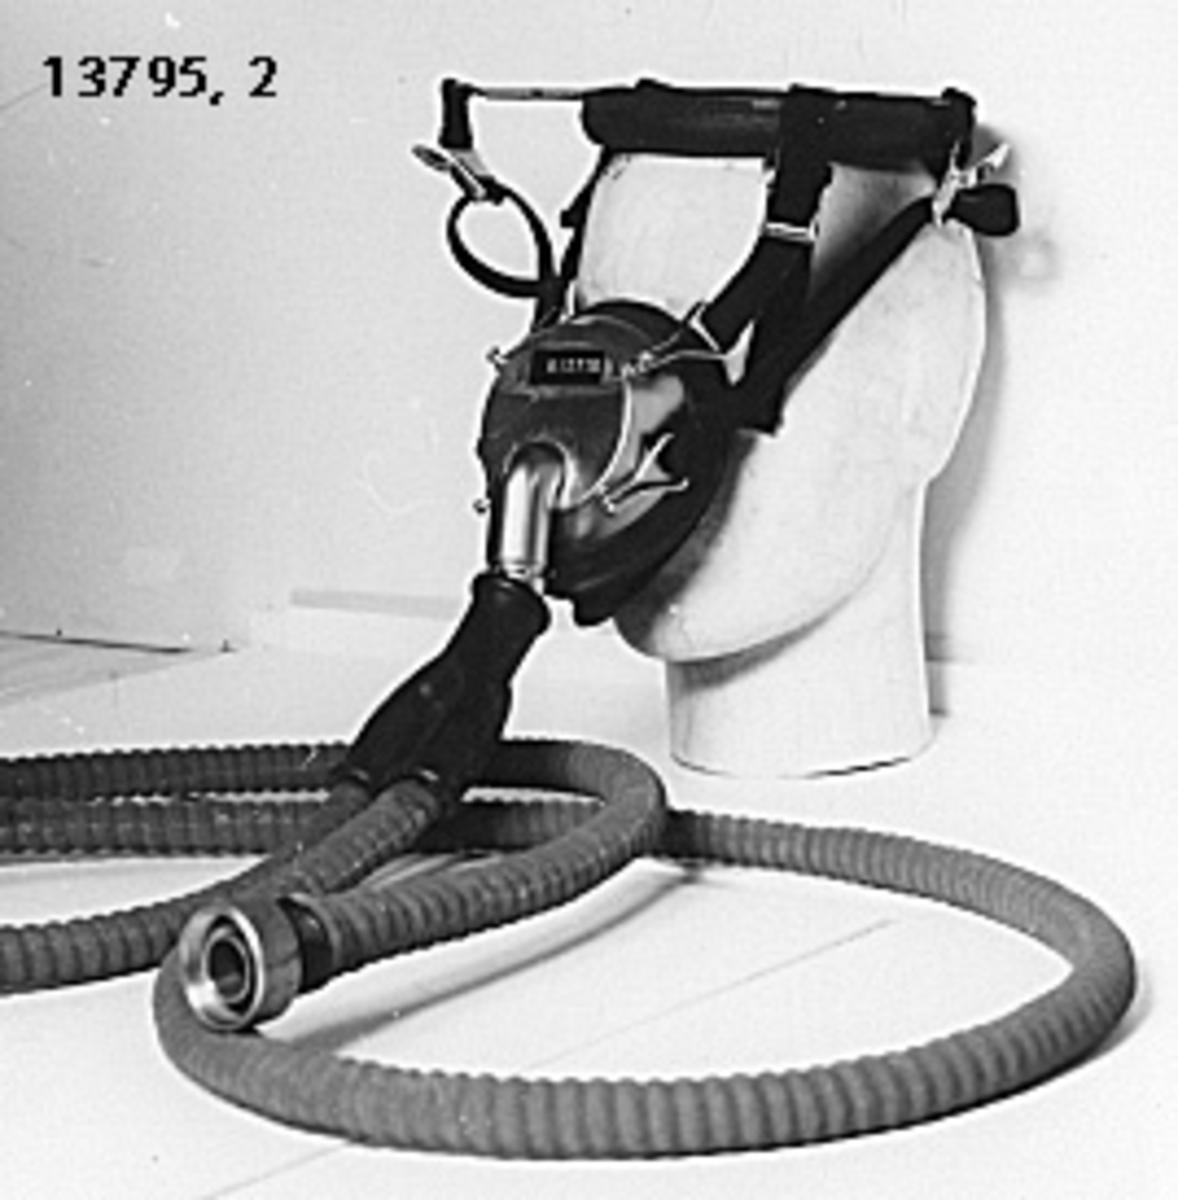 Till munstycket är två stycken slangar kopplade, vilka anslutes till en pulmotor. Munstycket hålles på plats med fyra remmar av tyg, vilka fästes på en ring som placeras på huvudet. Märkning: Dräger.